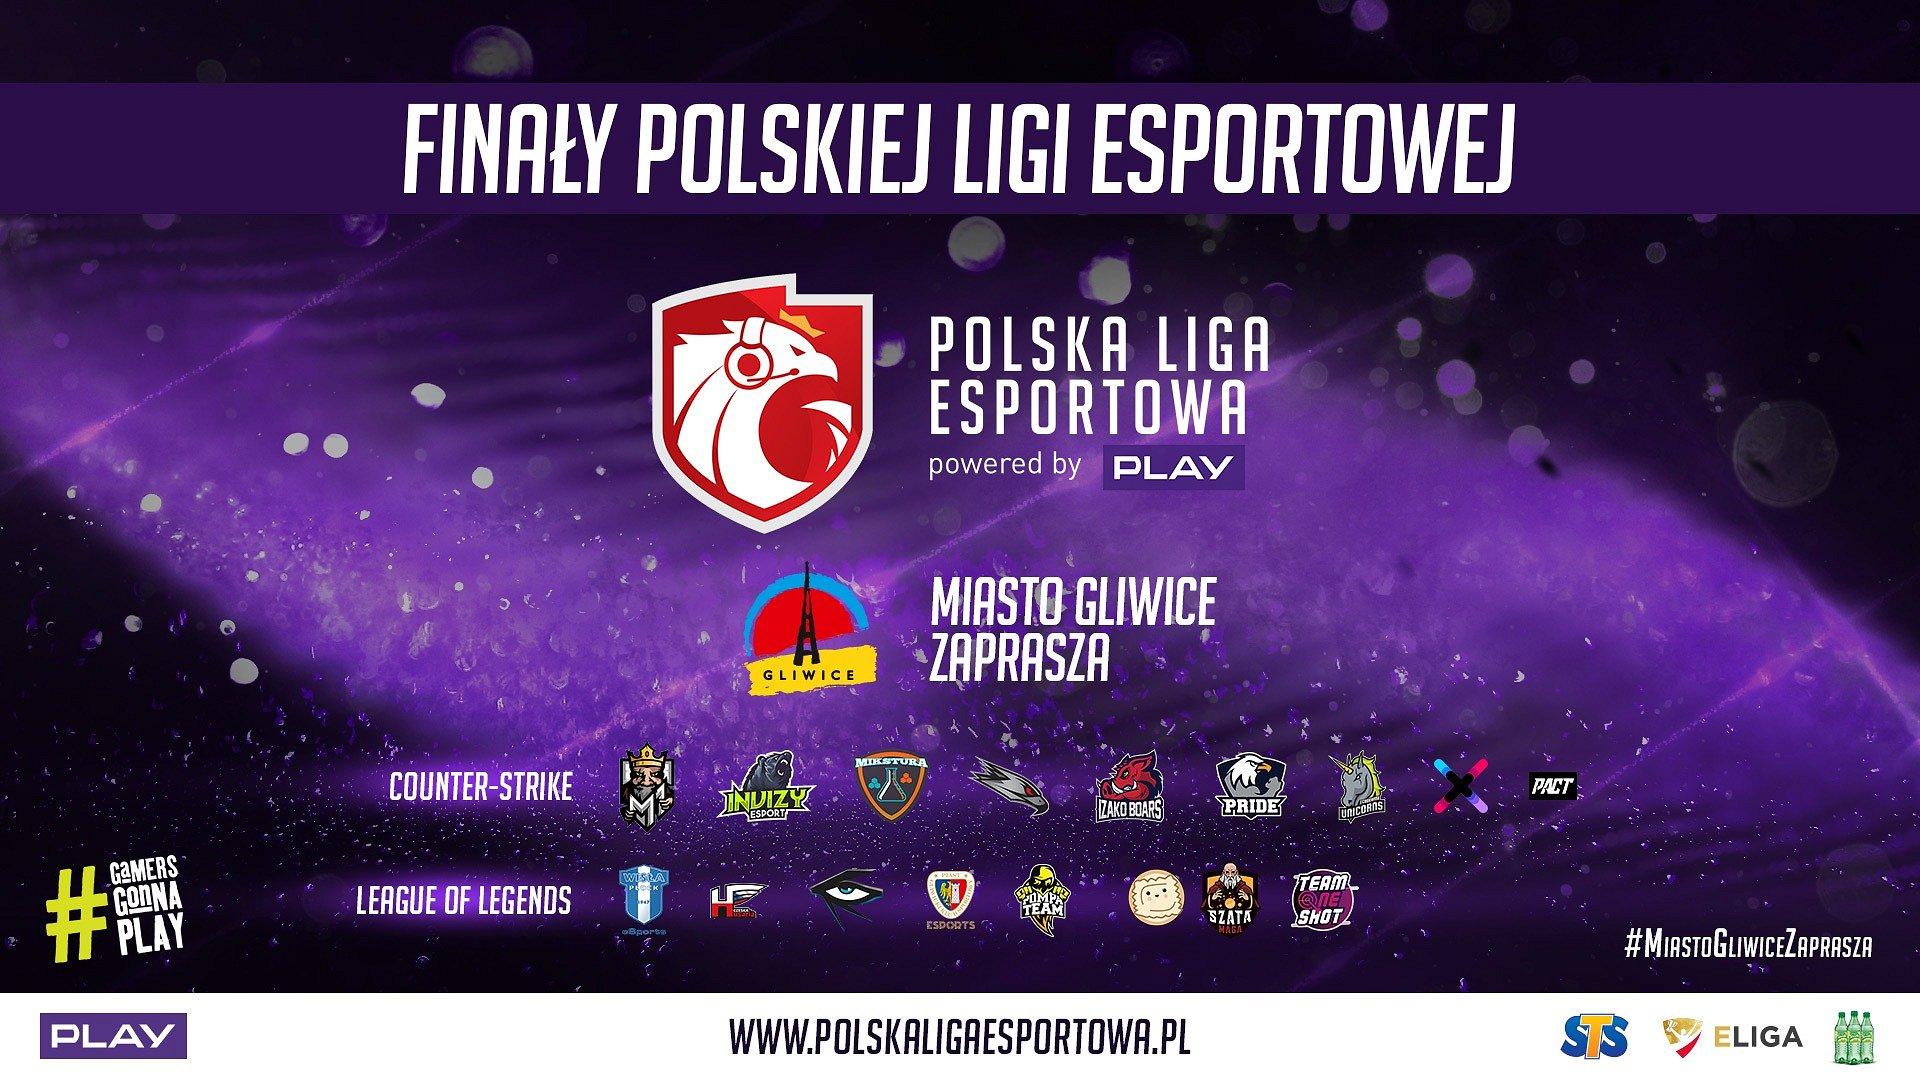 Finały sezonu Jesień 2018 Polskiej Ligi Esportowej na pięknej arenie w Gliwicach! Co zobaczymy w trakcie imprezy?